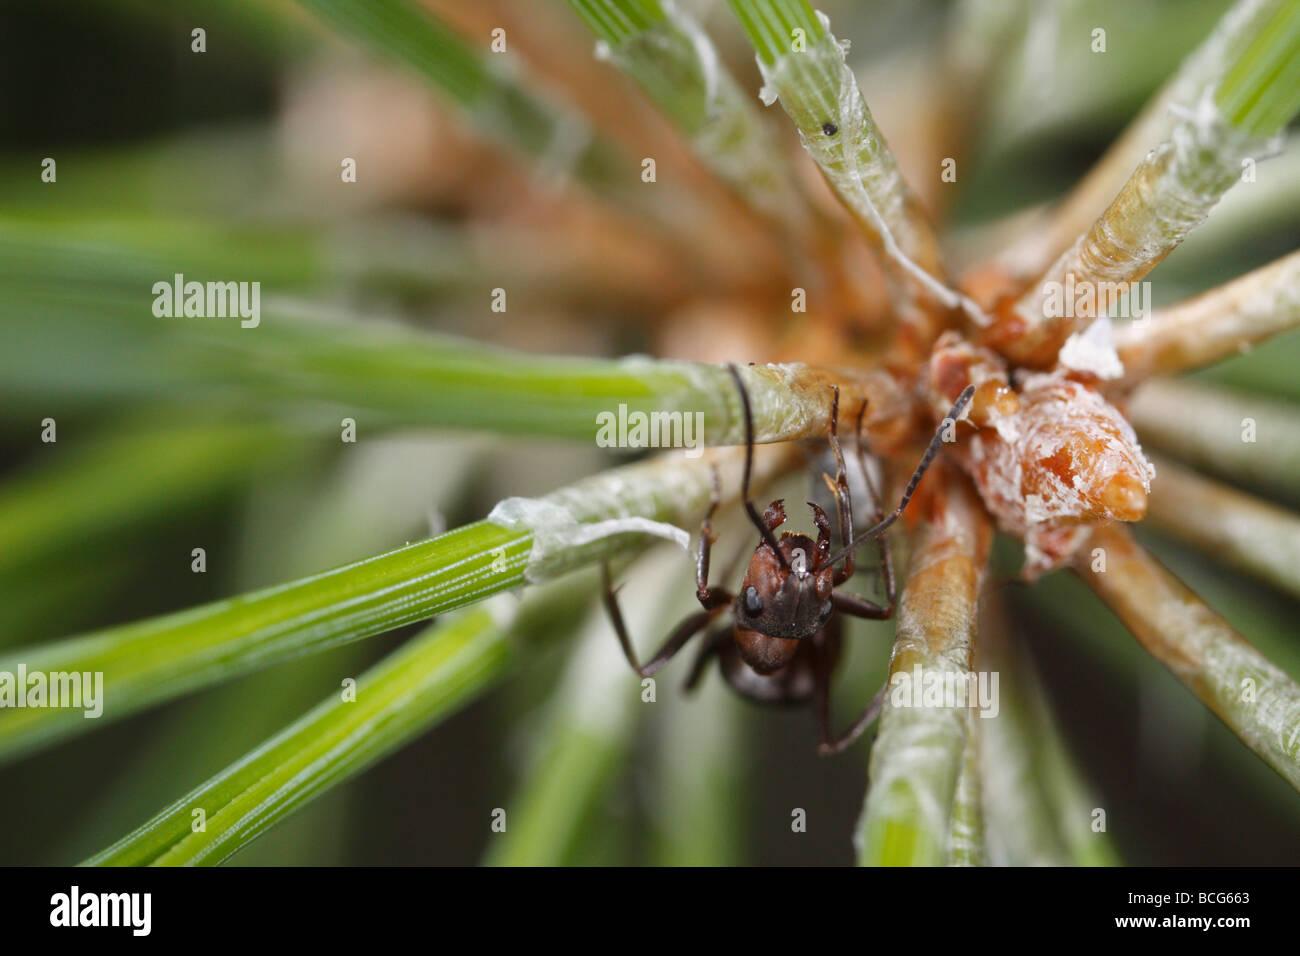 Pferd-Ameise (Formica Rufa) auf einem Kiefer-Zweig. Die Arbeitskraft ist eine Blattlaus verteidigen, die unter ihr gesehen werden kann. Stockfoto